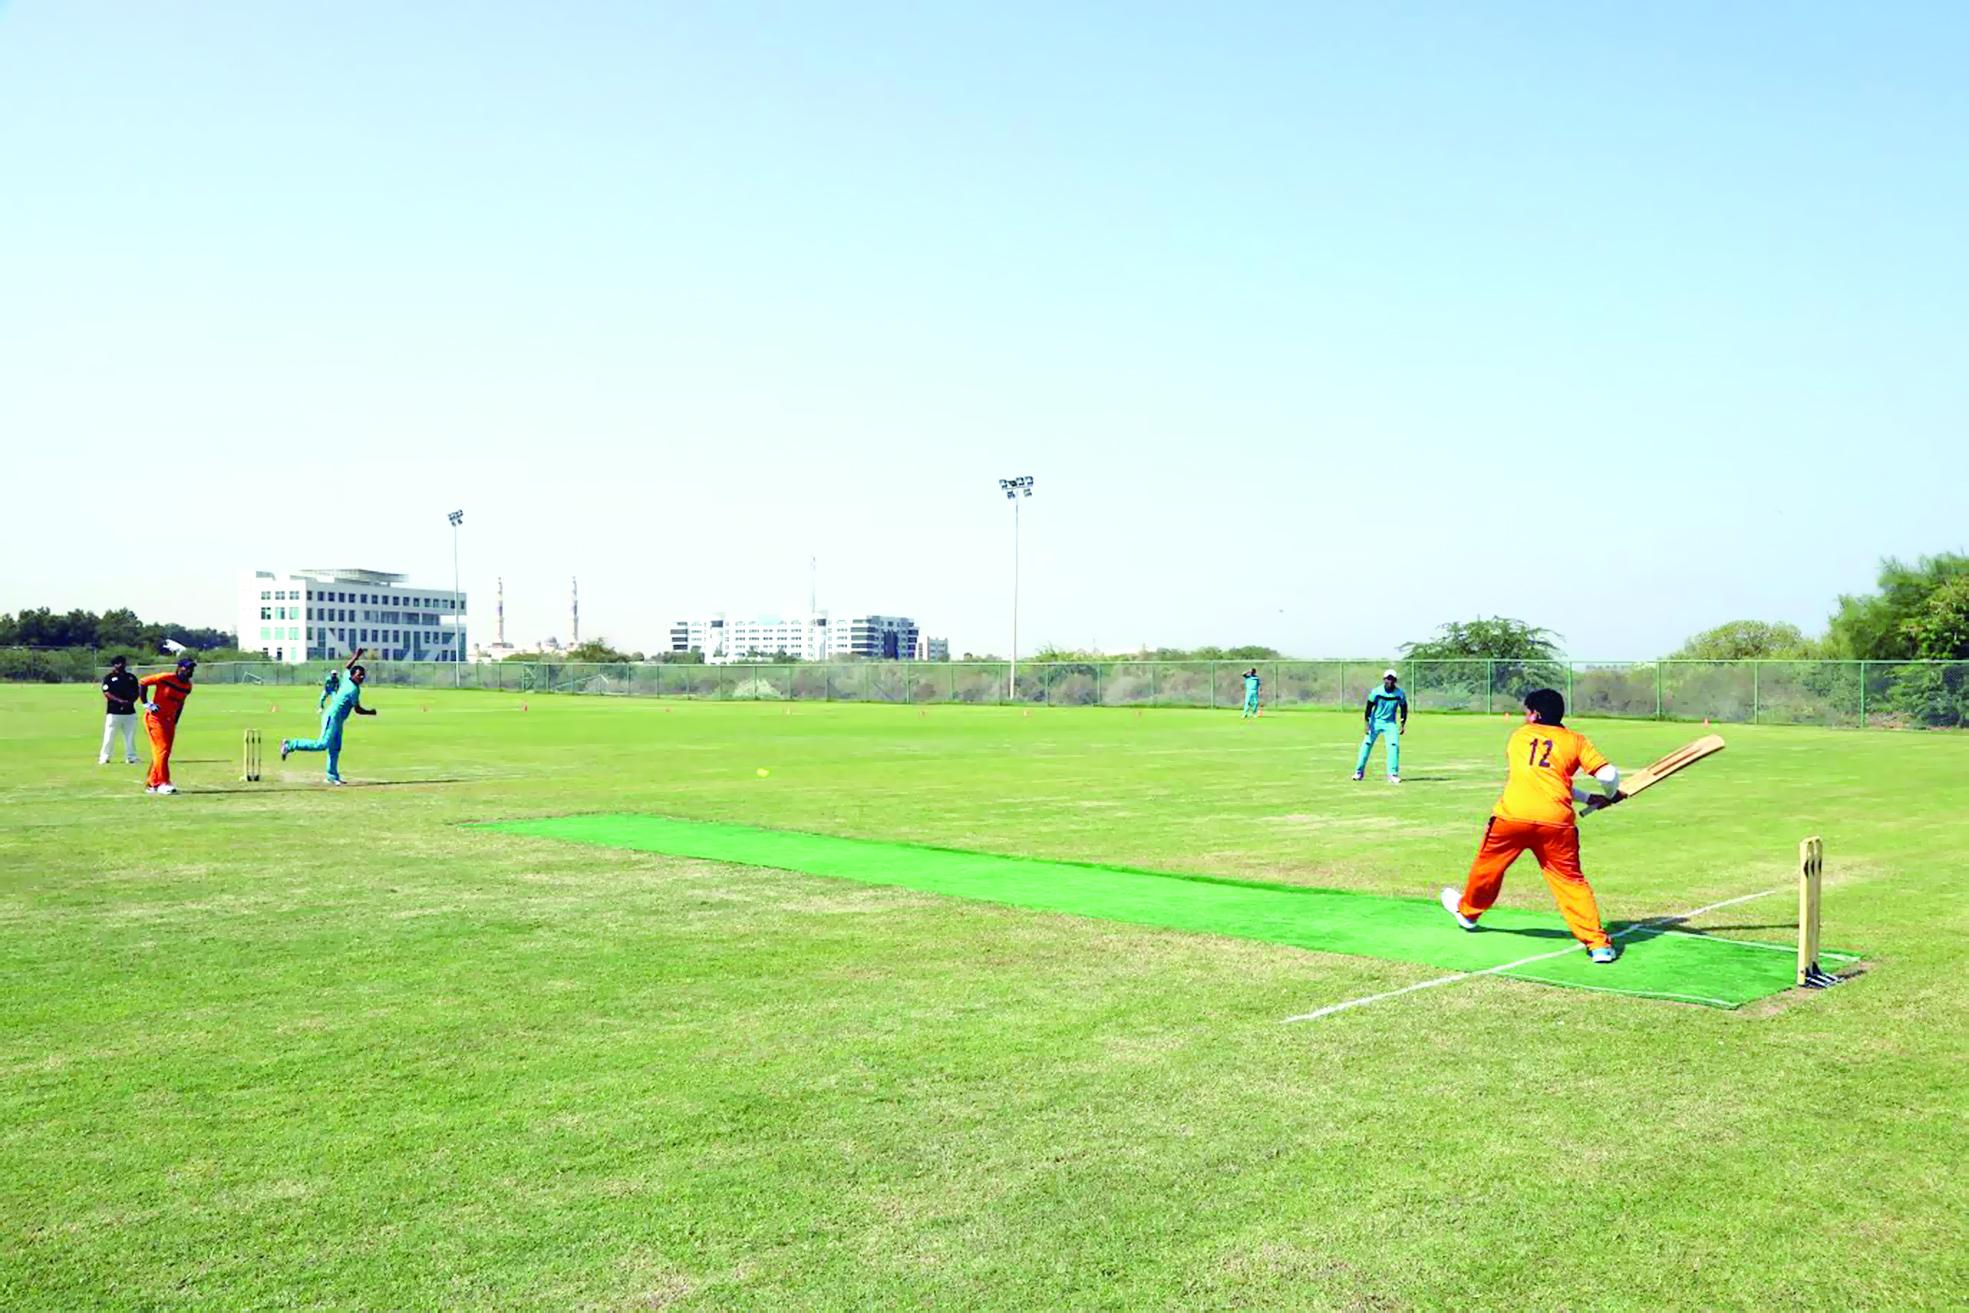 8 فرق تحسم تأهلها لنصفنهائي بطولة بلدية مسقط للكريكت